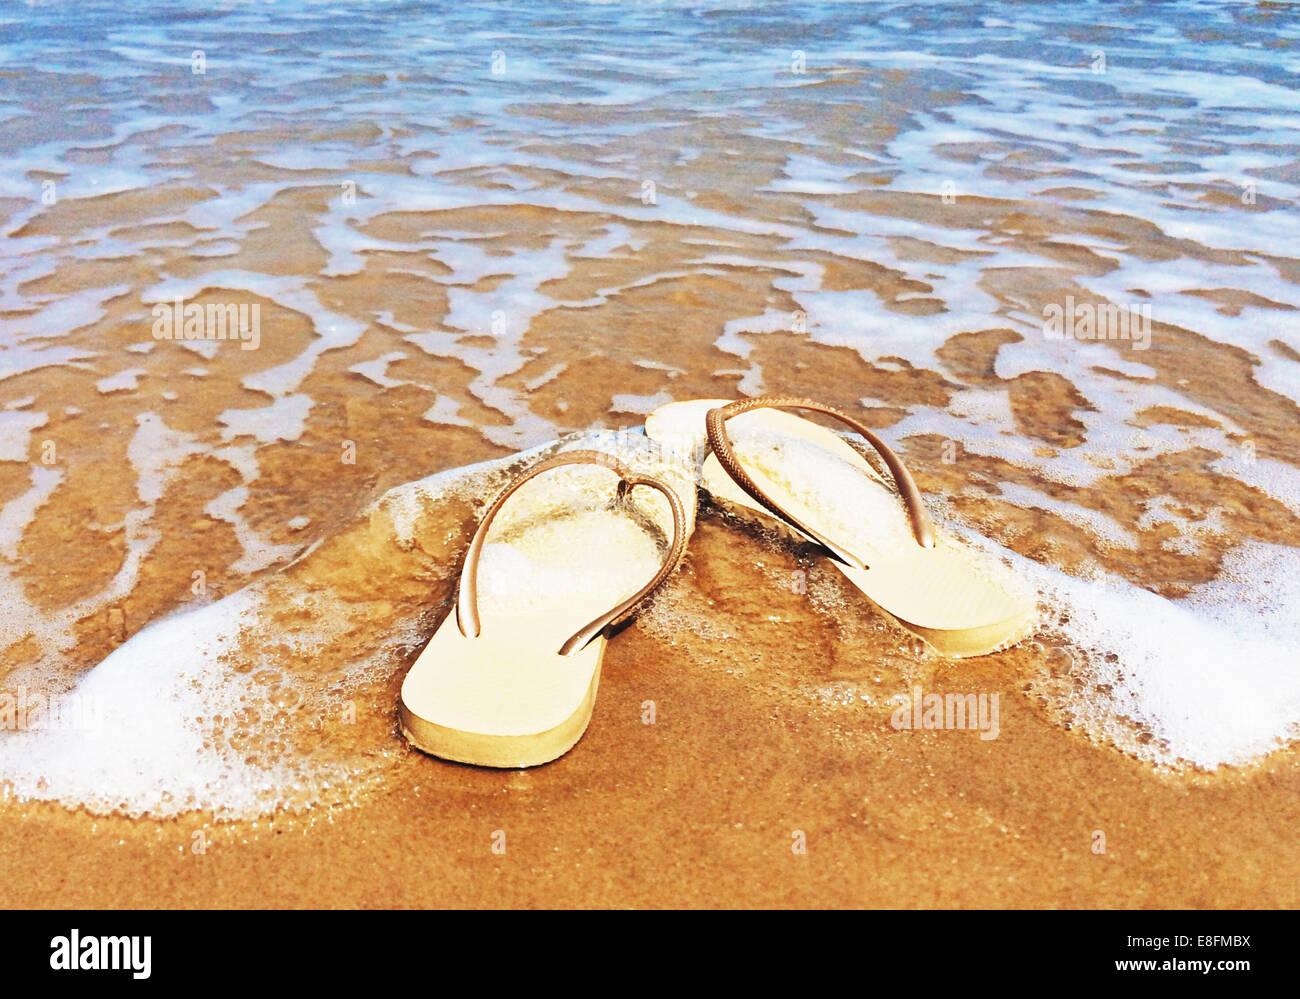 Tongs sur la plage dans l'océan surf, Bang Kao, Phetchaburi, Thaïlande Banque D'Images